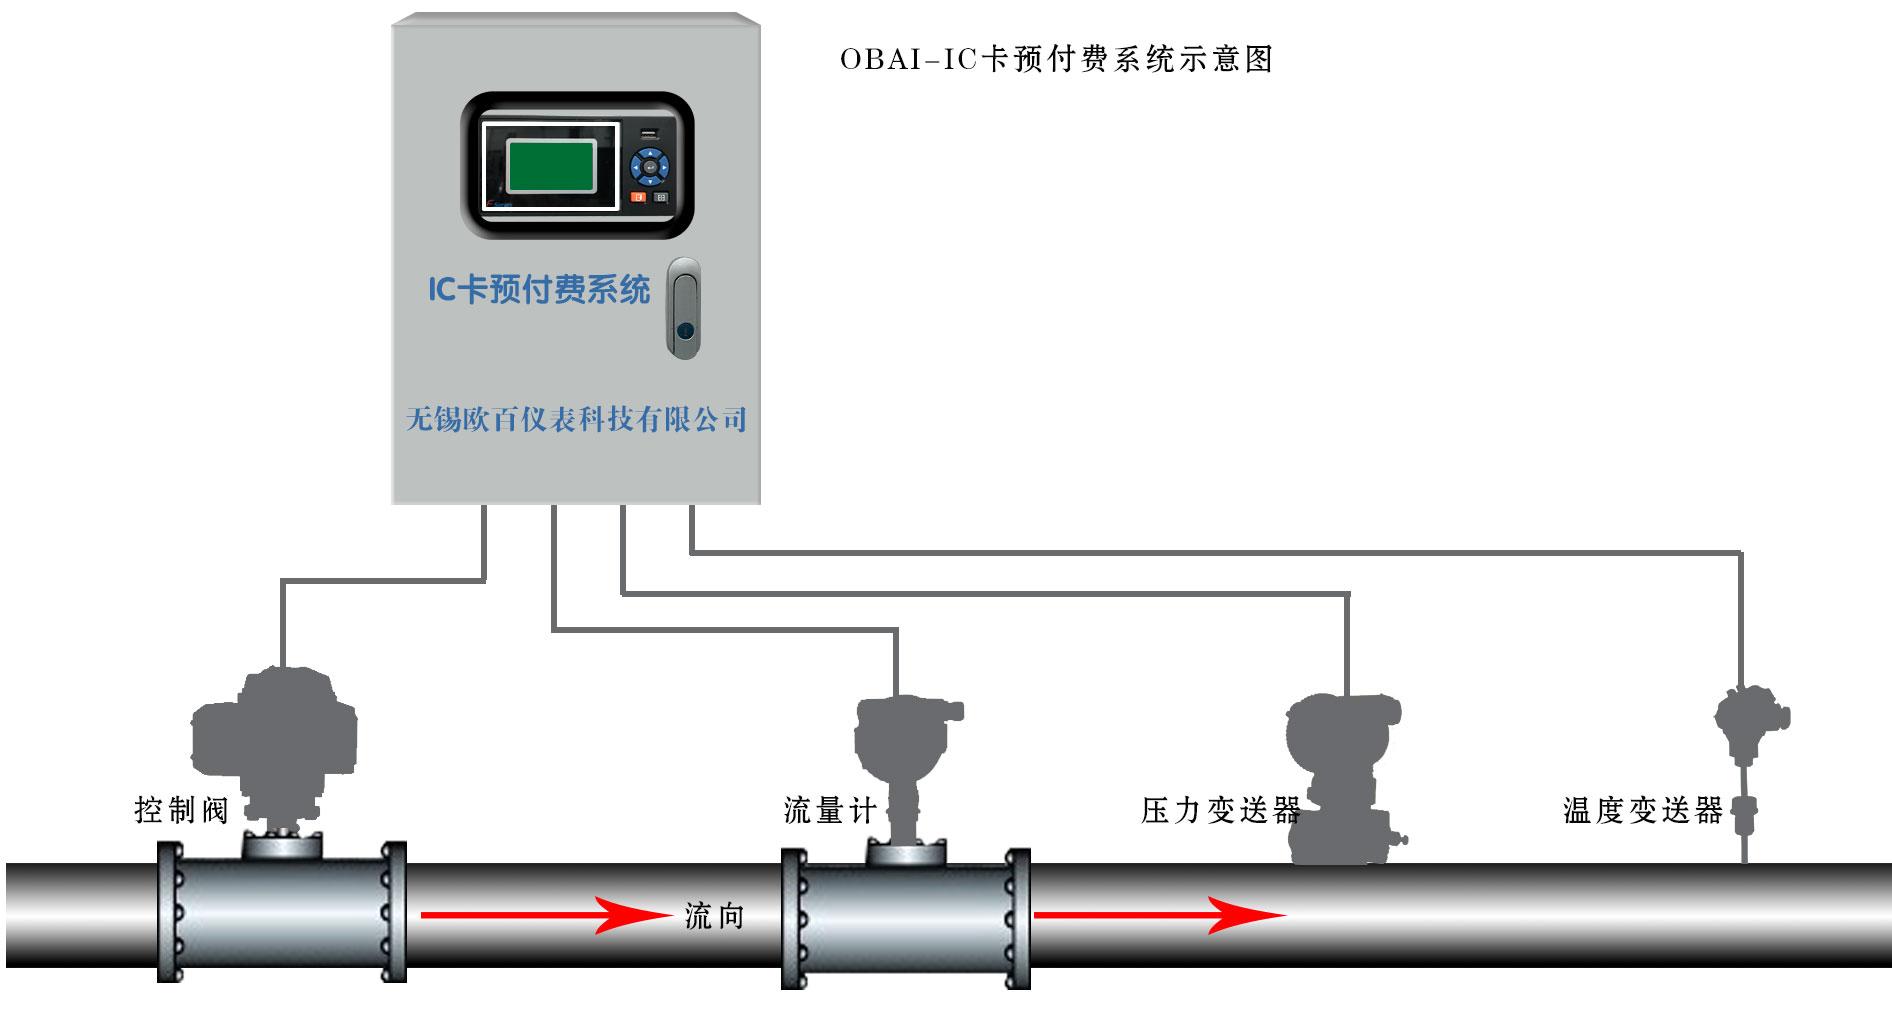 热力公司ICk预付费系统图0601.jpg